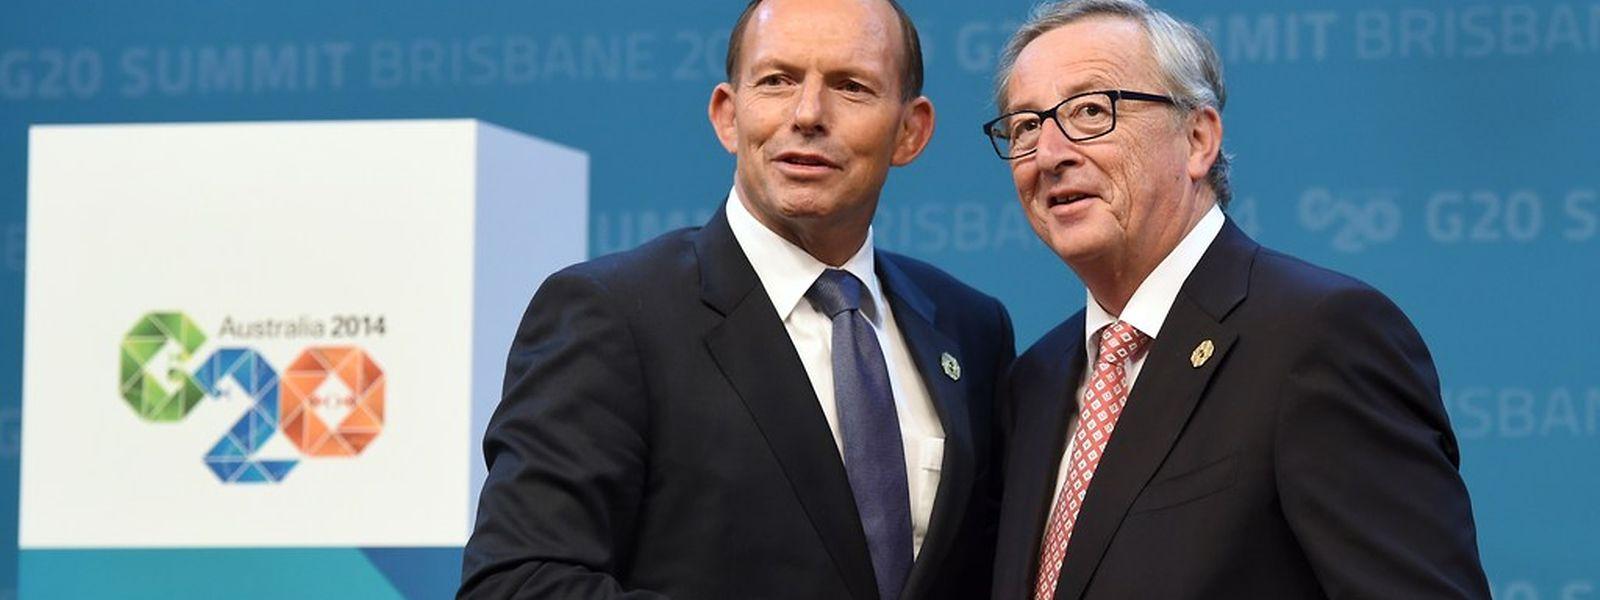 Le Premier ministre australien, Tony Abbott, reçoit officiellement le président de la Commission européenne, Jean-Claude Juncker, au sommet du G20 à Brisbane, le 15 novembre